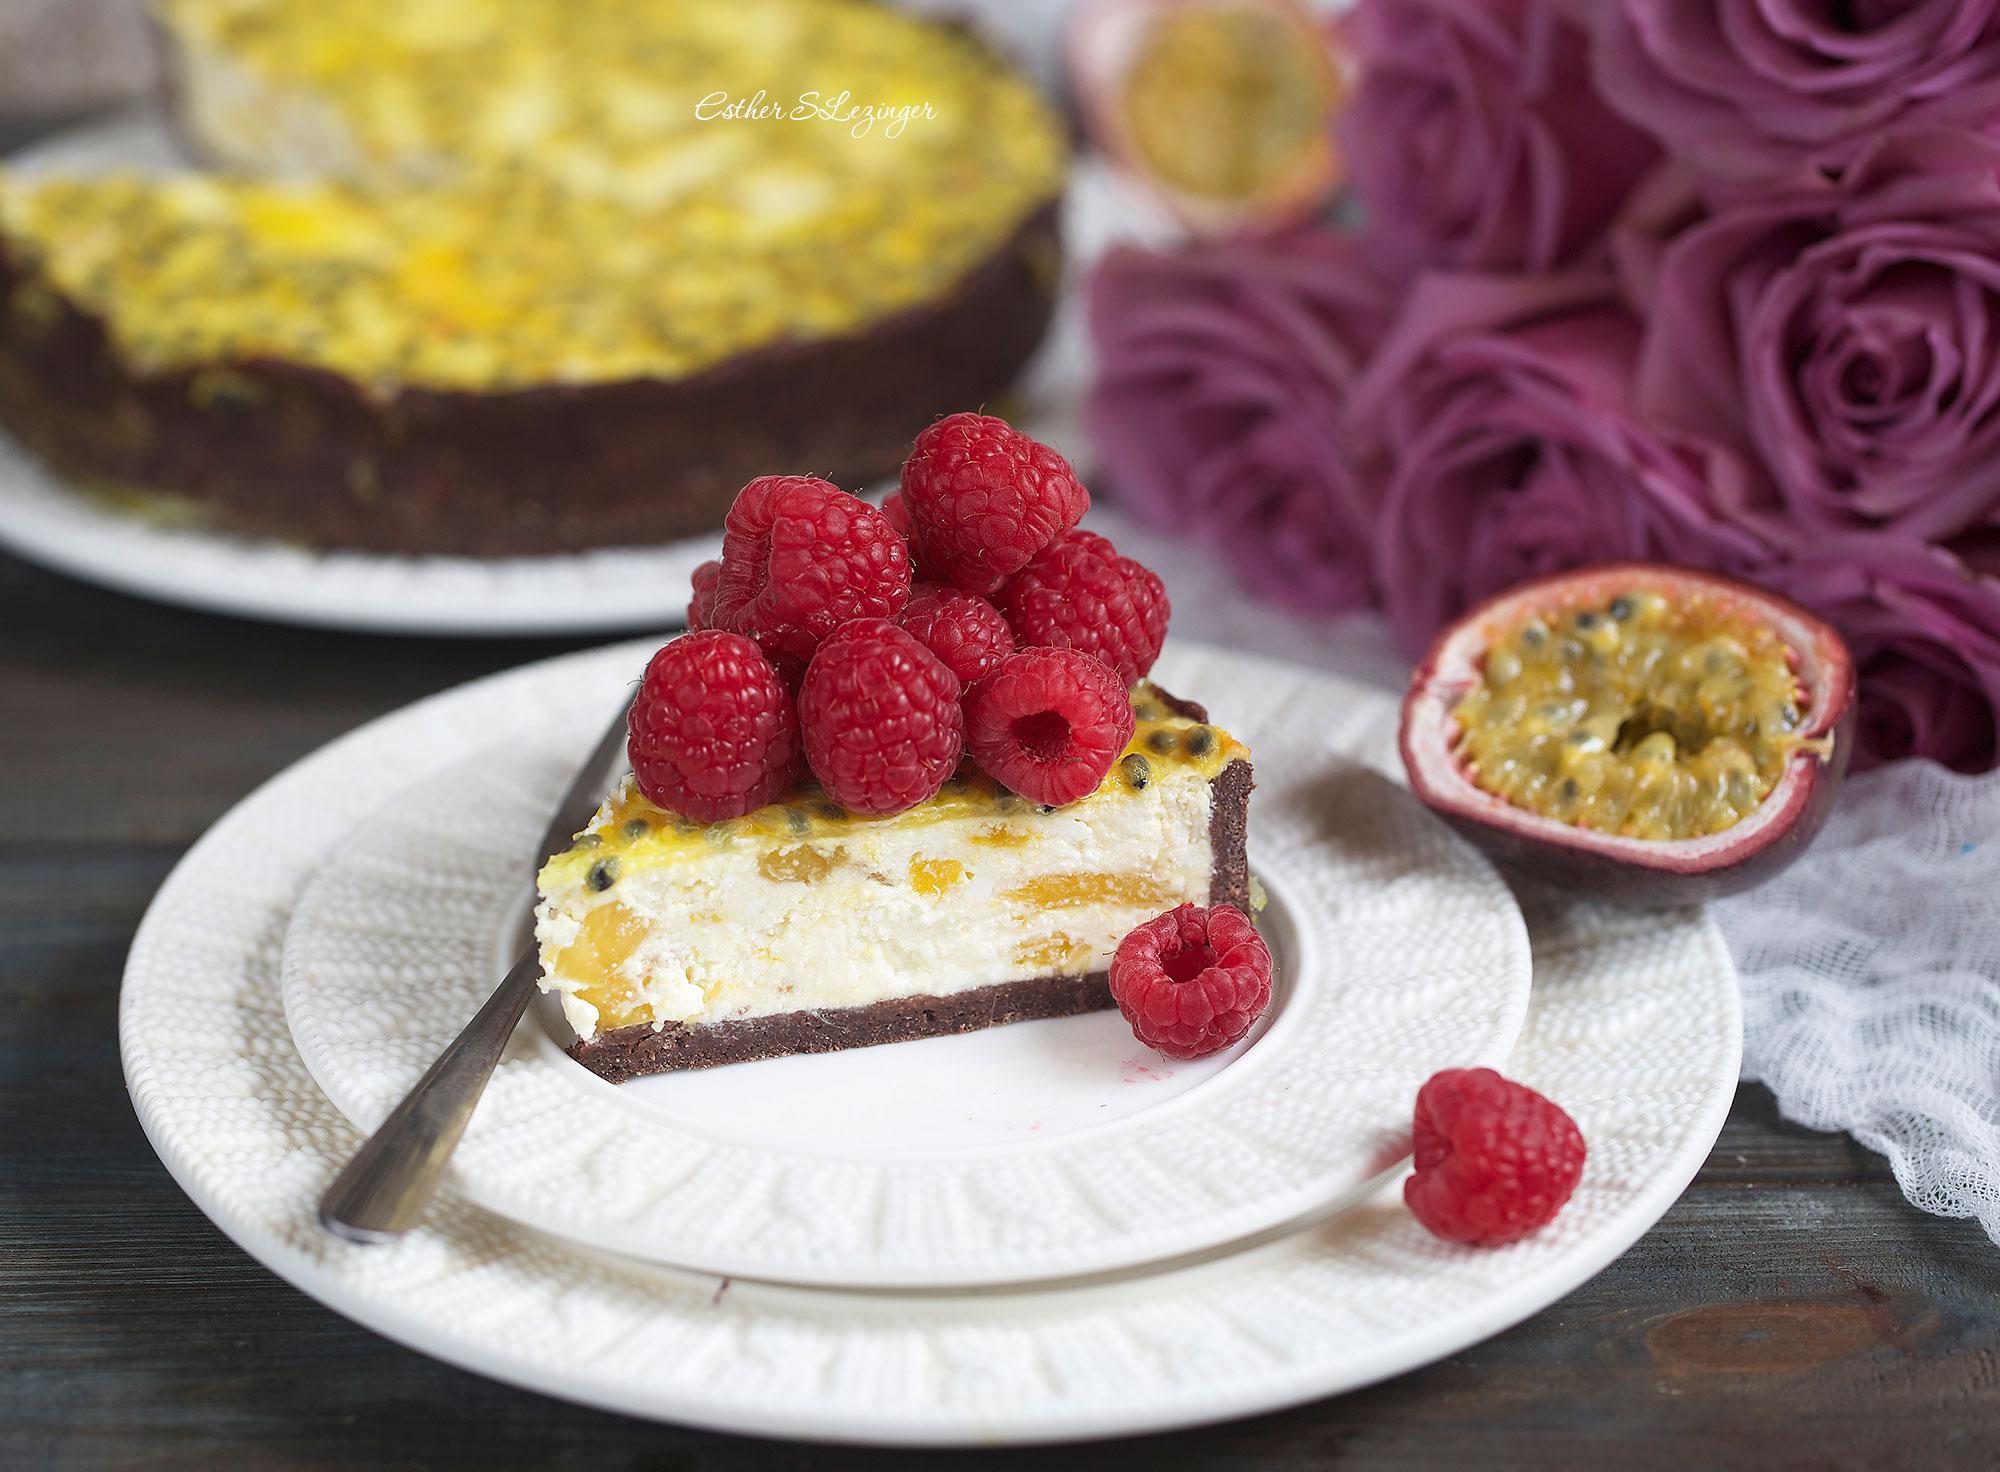 рецепт диетического десерта с фото